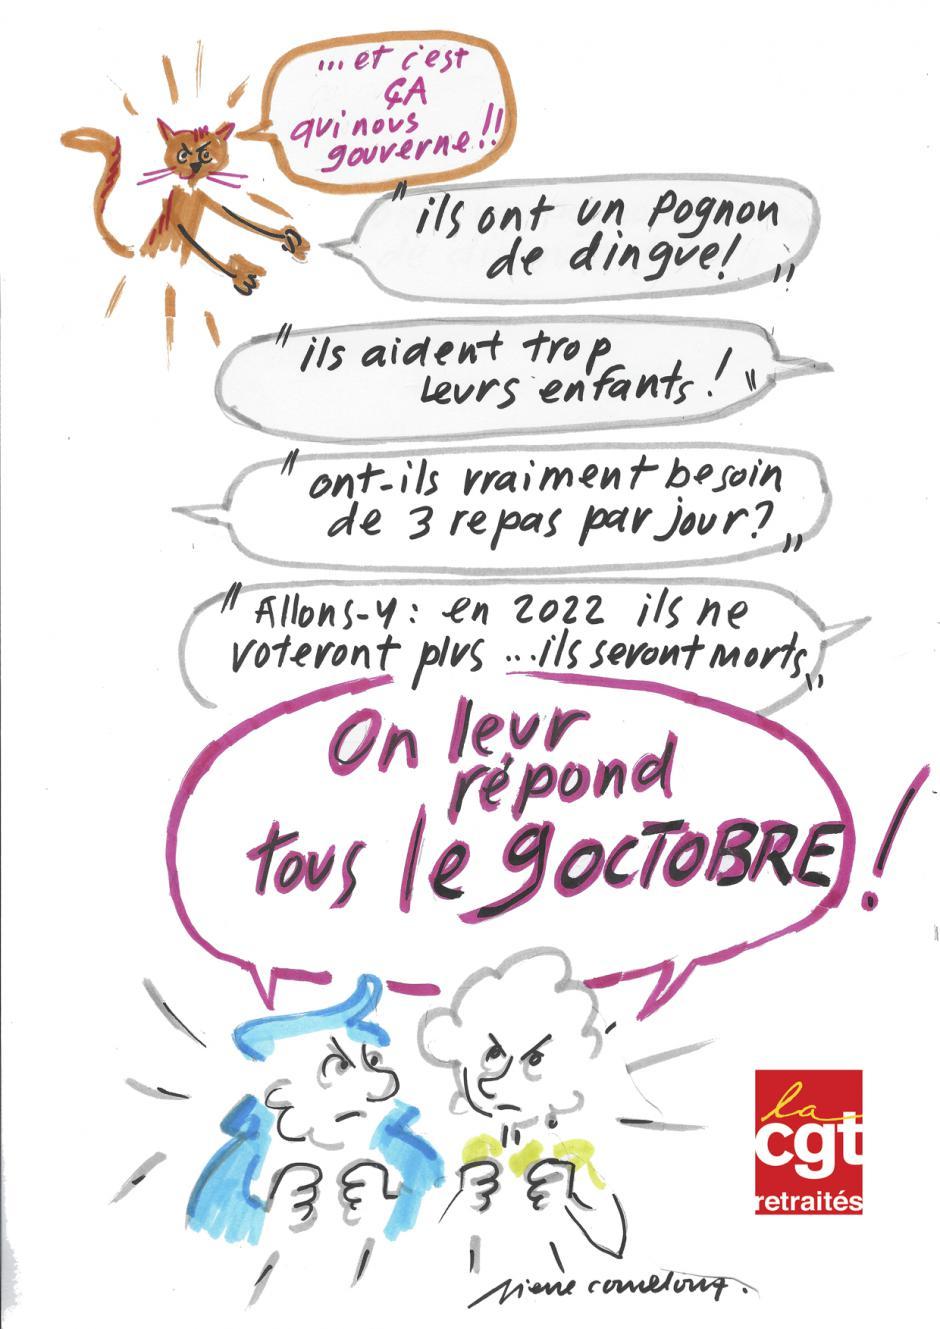 9 octobre, Beauvais - Manifestation départementale interprofessionnelle